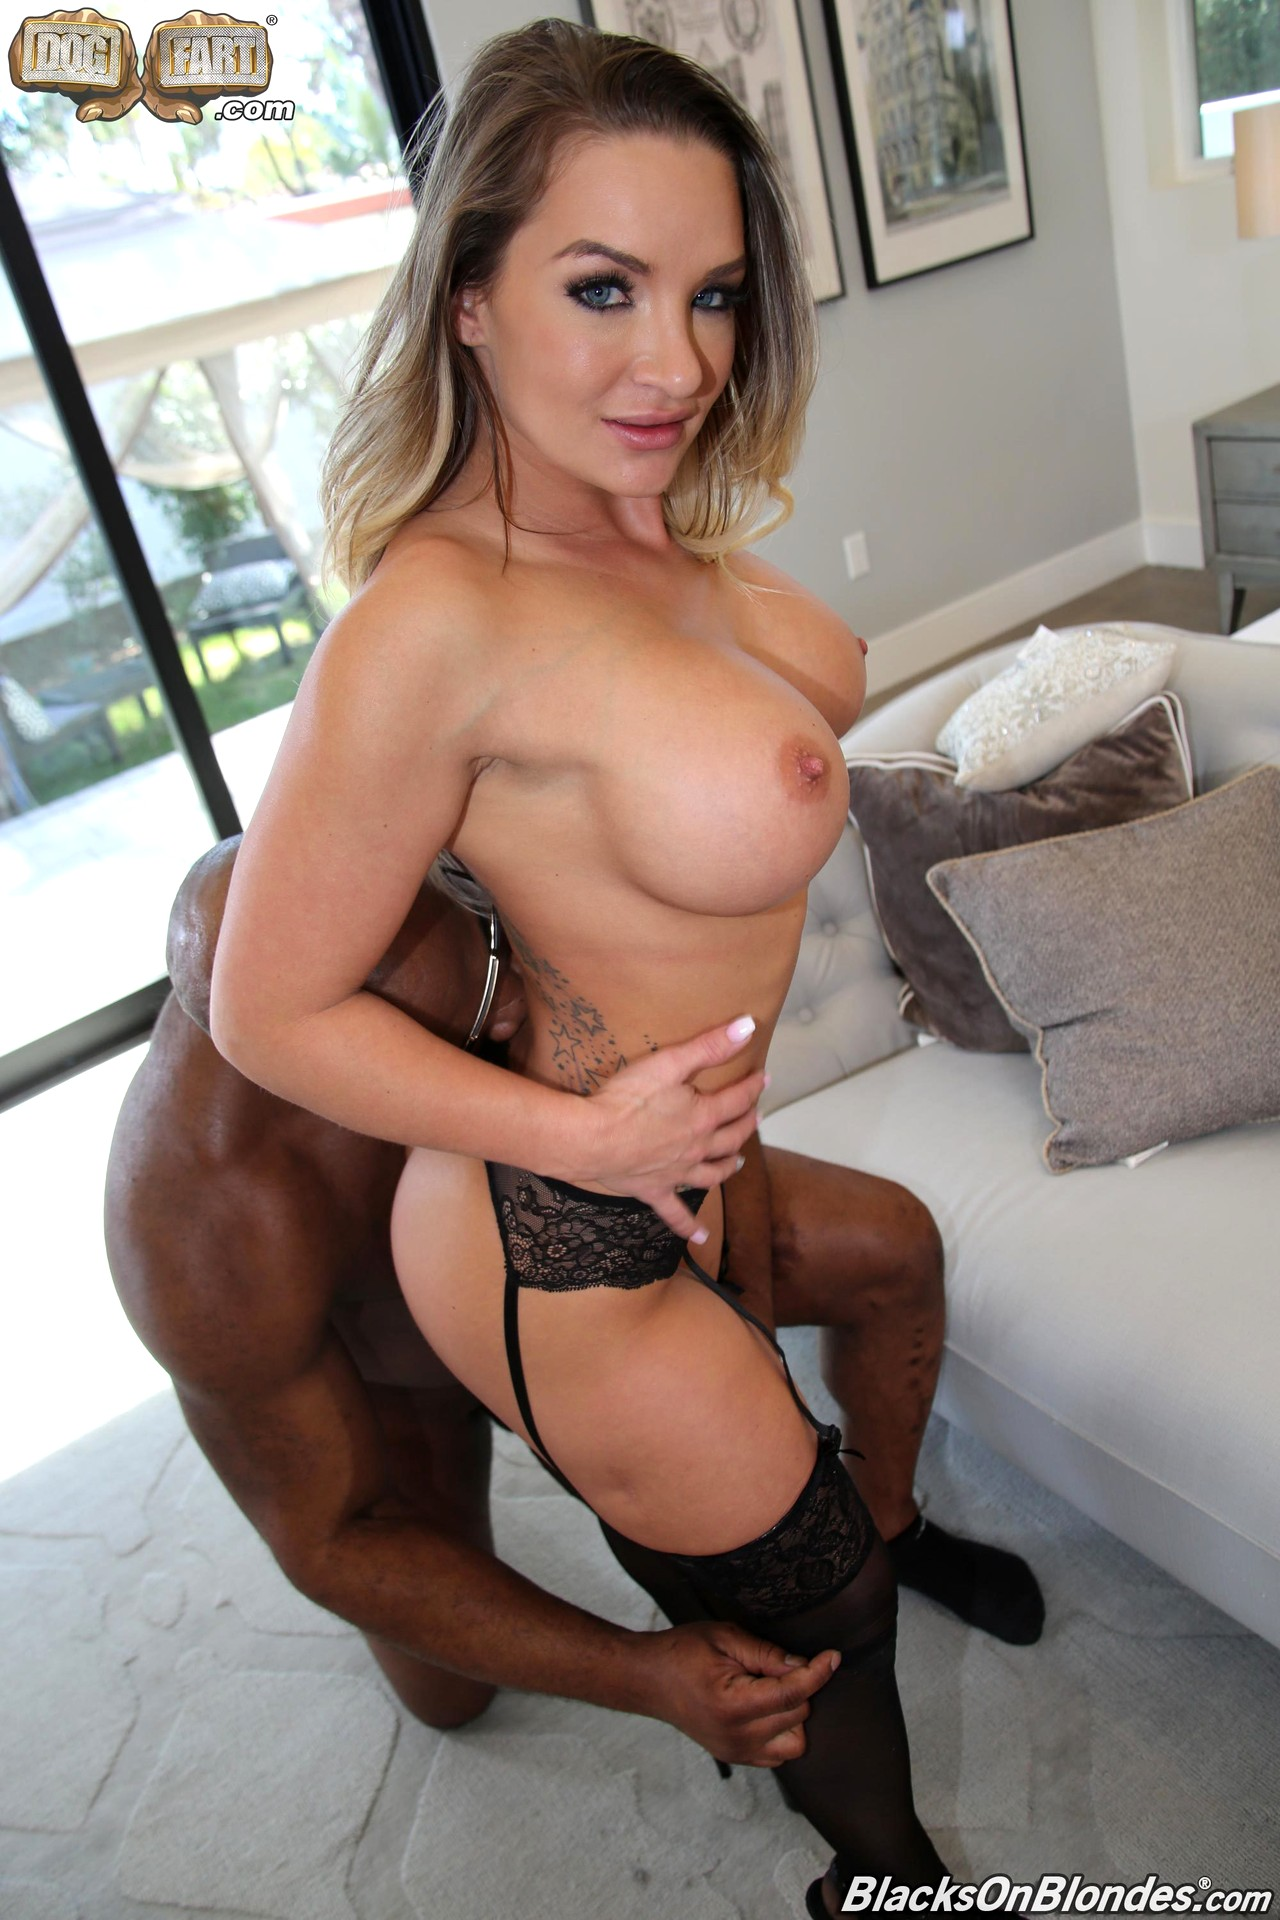 Blacksonblondes Cali Carter Bound Lingerie Teen Xxx Free Pornpics Sexphotos Xxximages Hd Gallery-4785